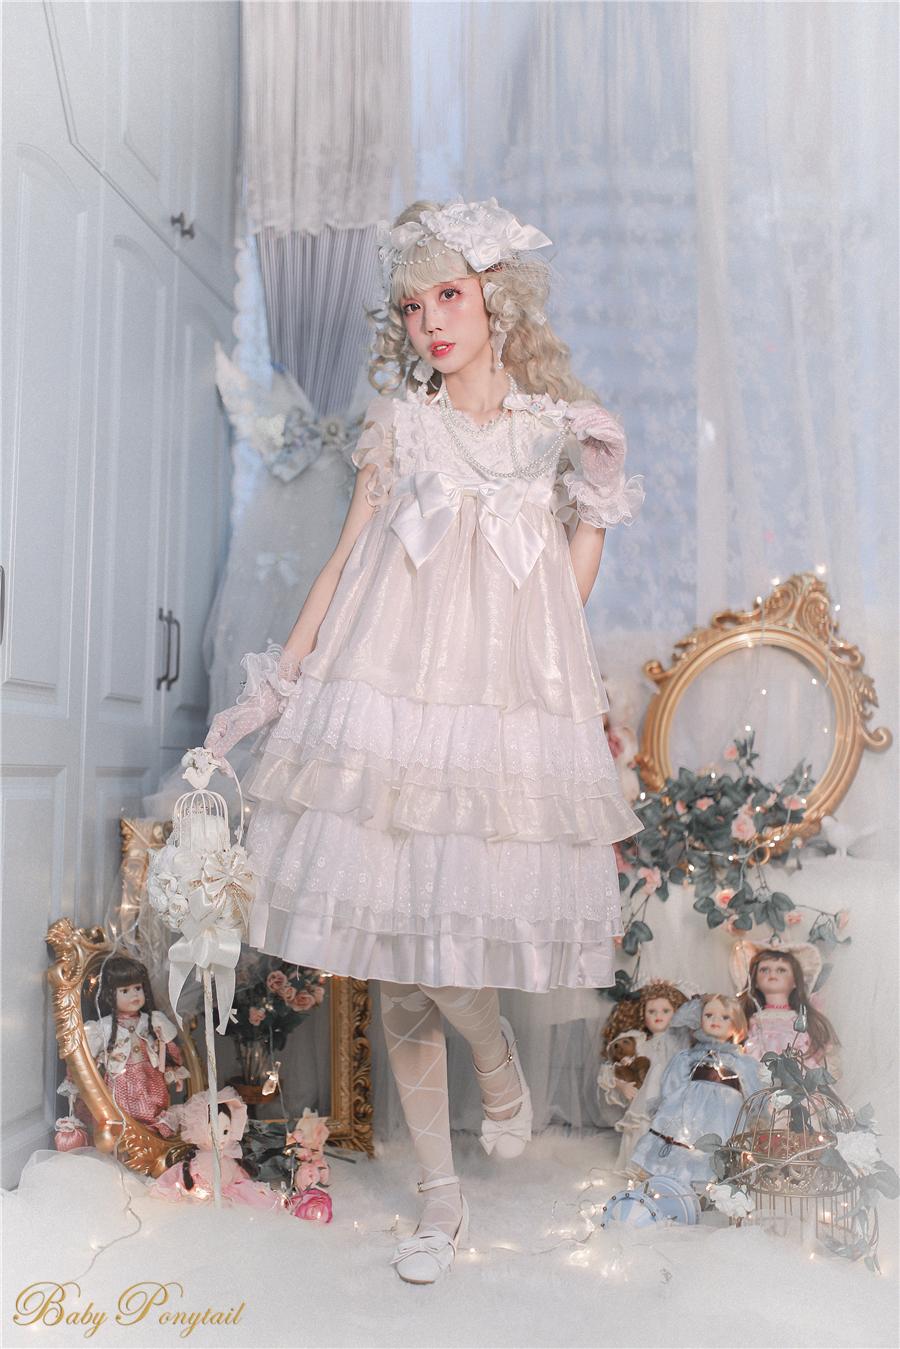 Babyponytail_Model Photo_Present Angel_JSK white_2_Kaka_08.jpg